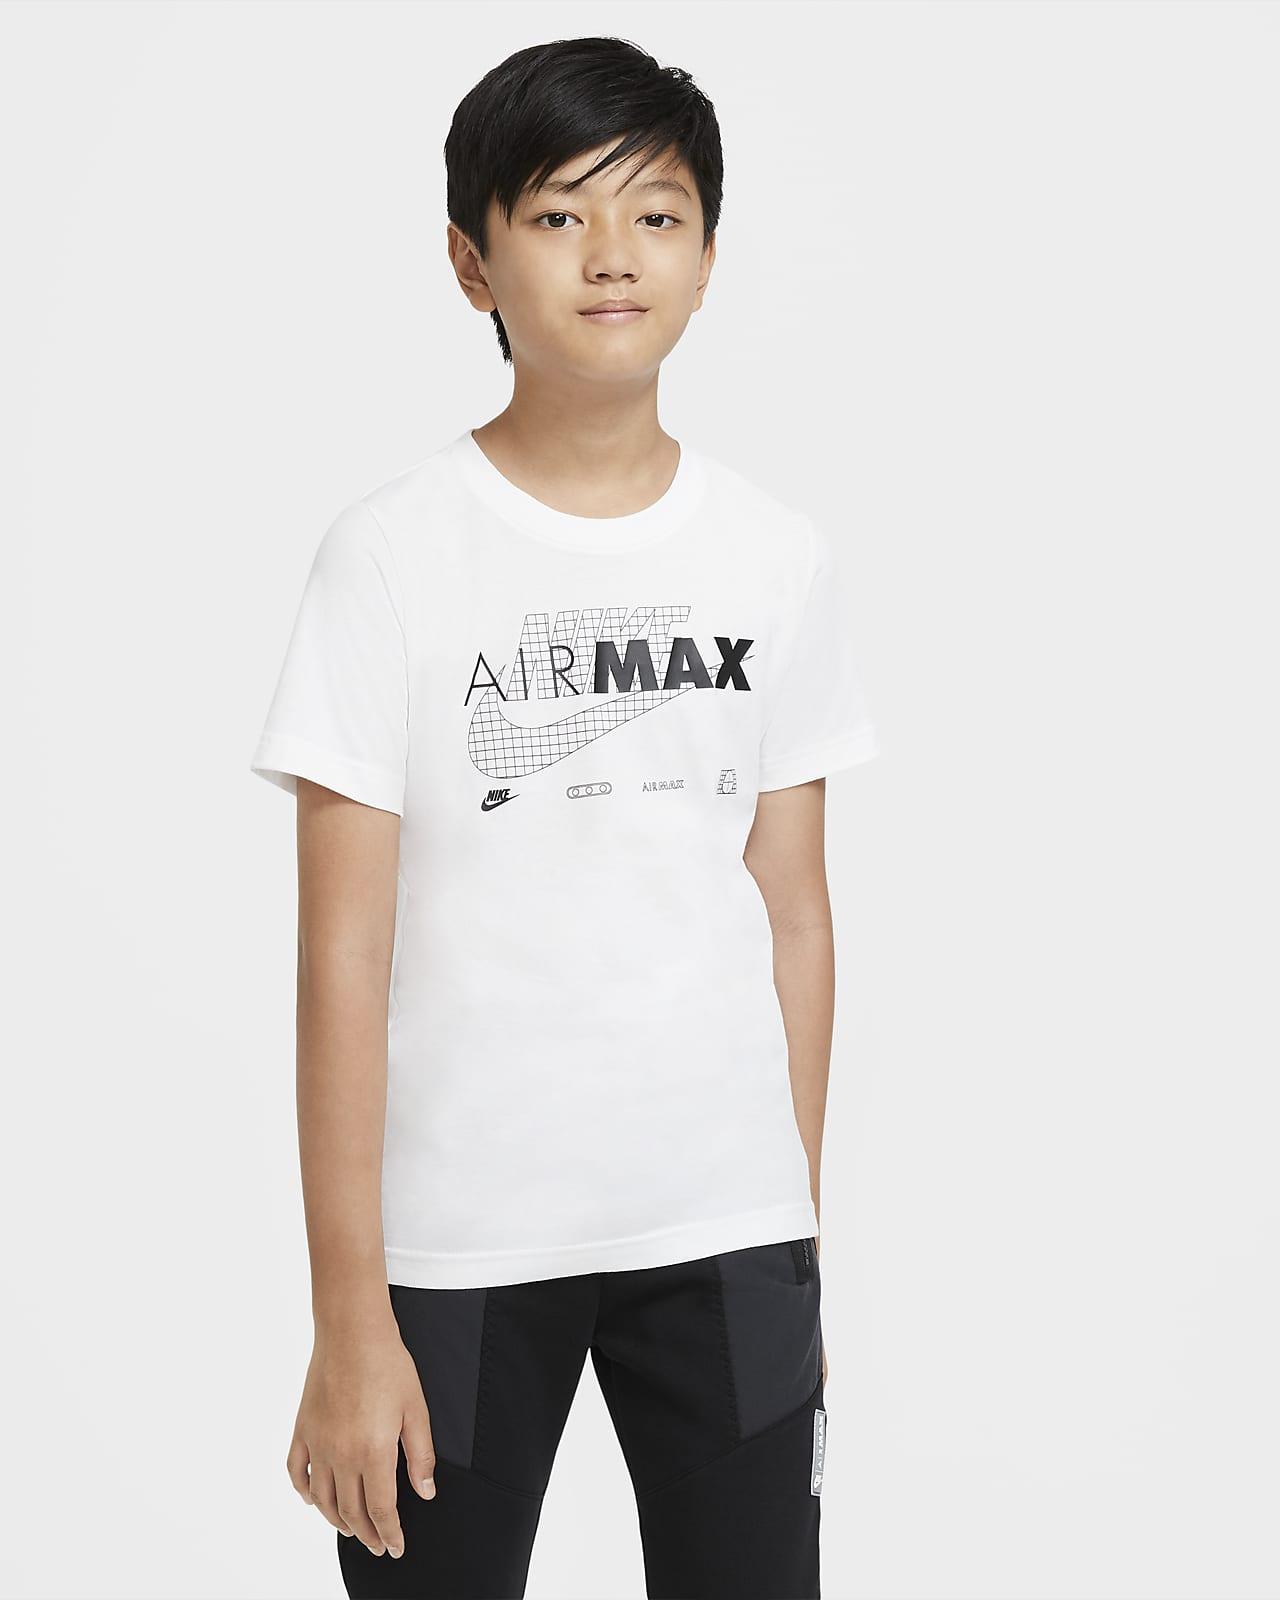 Tričko Nike Sportswear Air Max pro větší děti (chlapce)